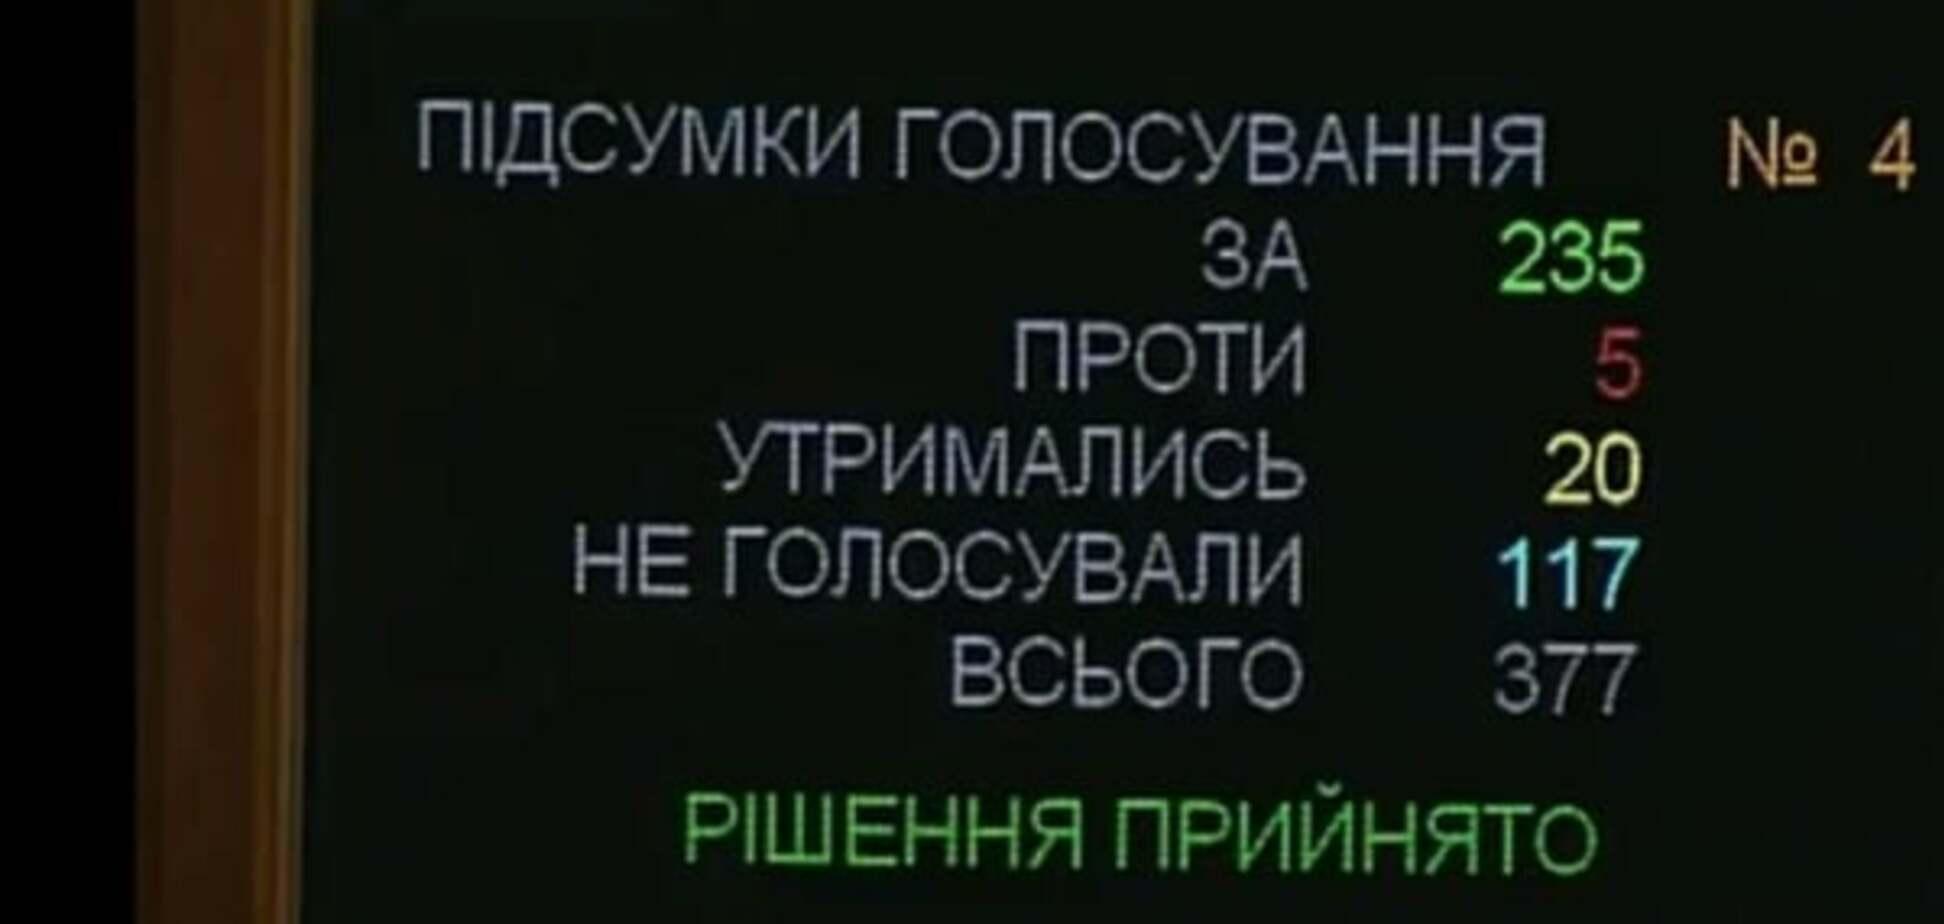 В Україні скасують штампи: як це допоможе бізнесу